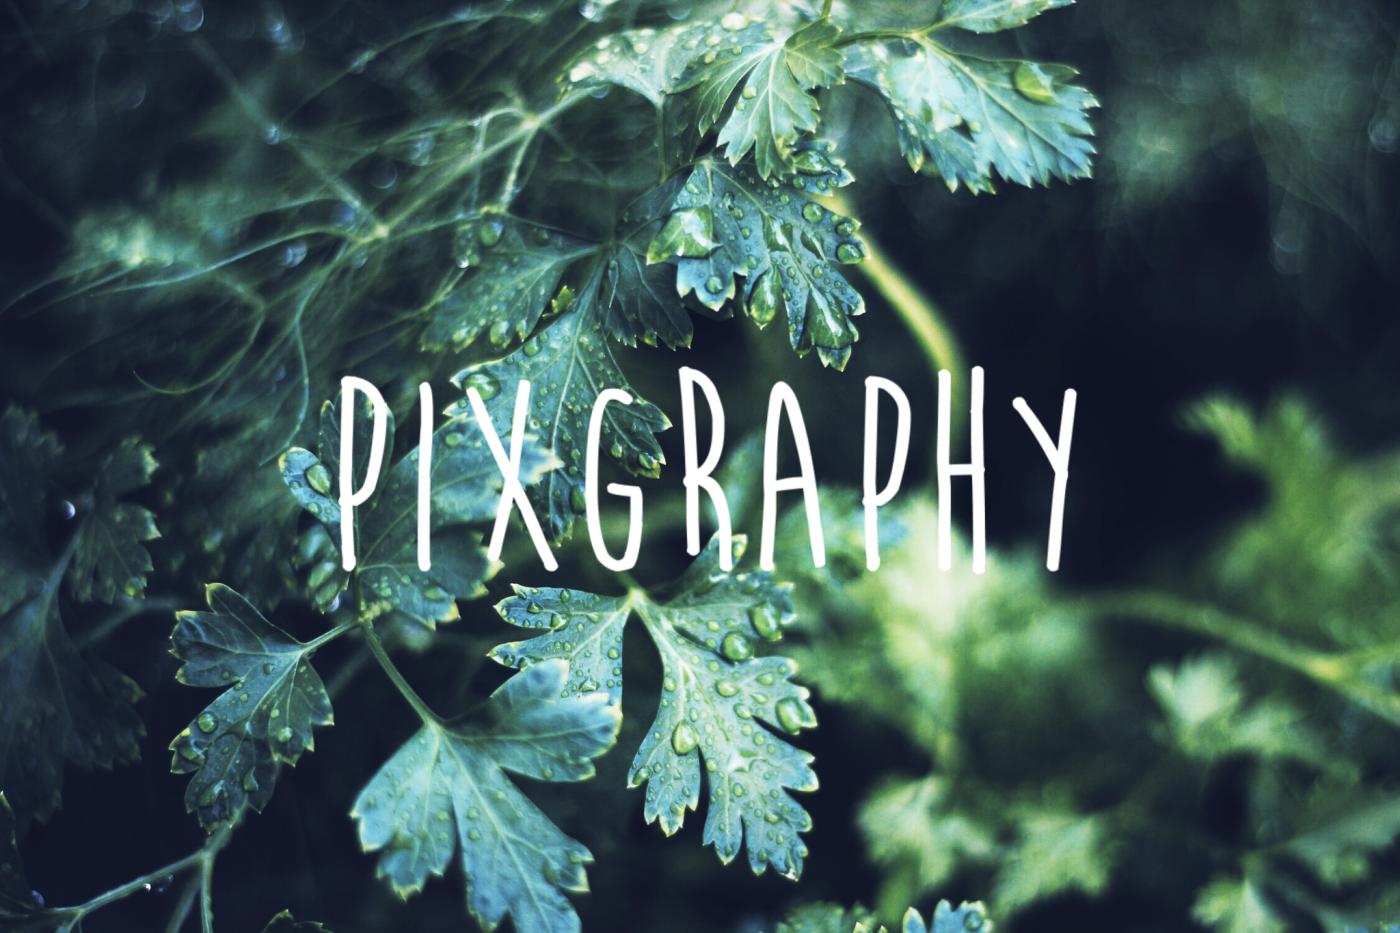 画像・写真で魅せる、WordPress無料テーマなら、「Pixgraphy」